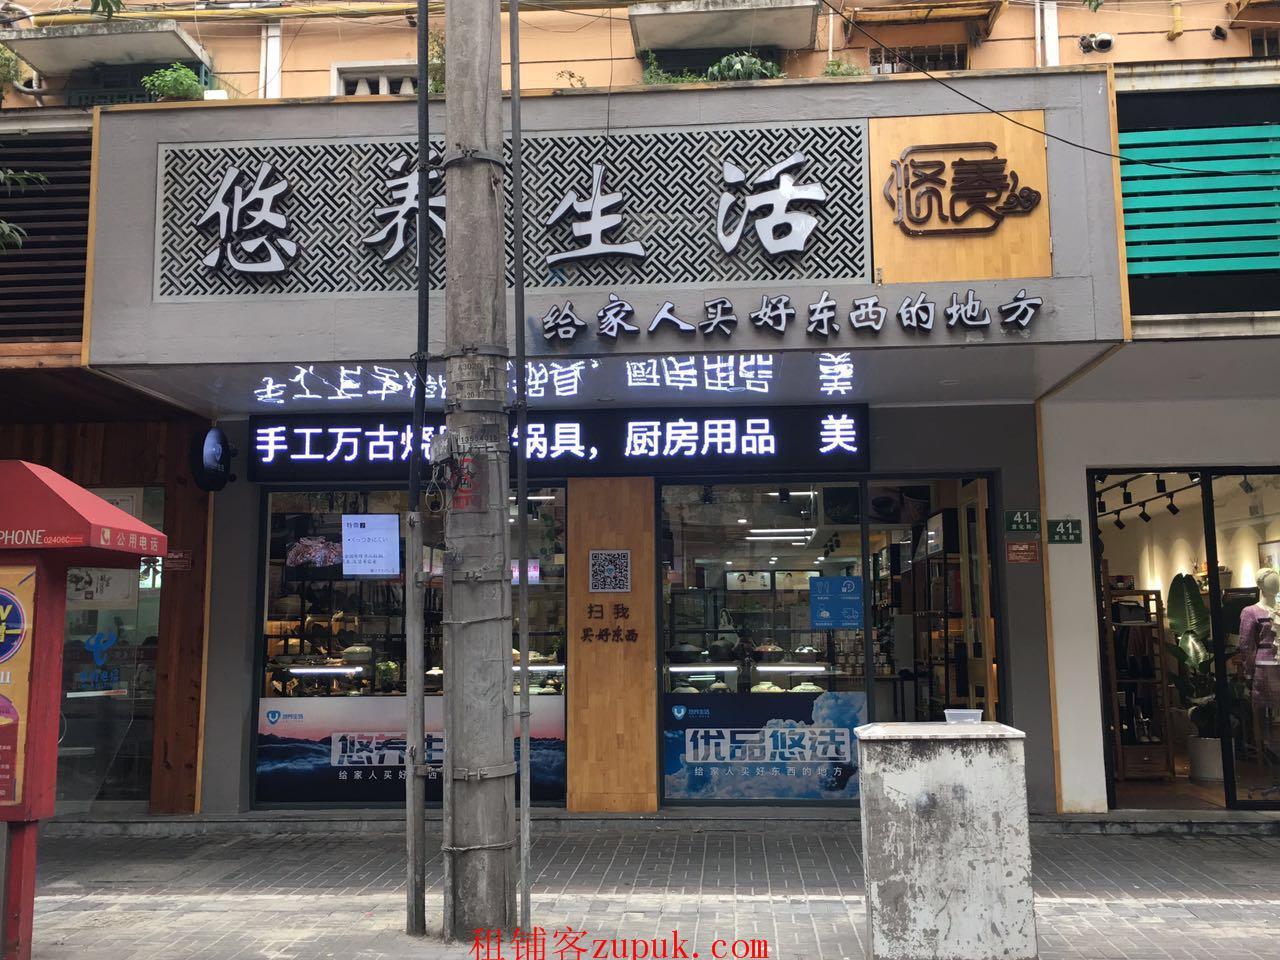 江苏路地铁站附近旺铺转让